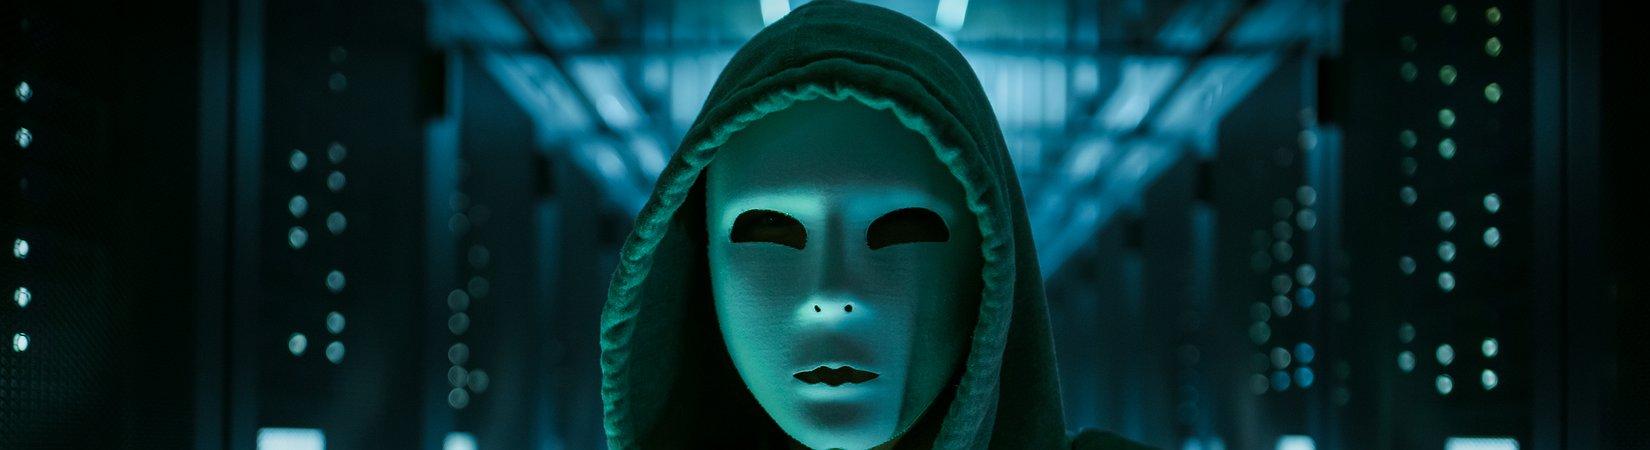 Un exchange dichiara bancarotta dopo essere stato hackerato per la seconda volta